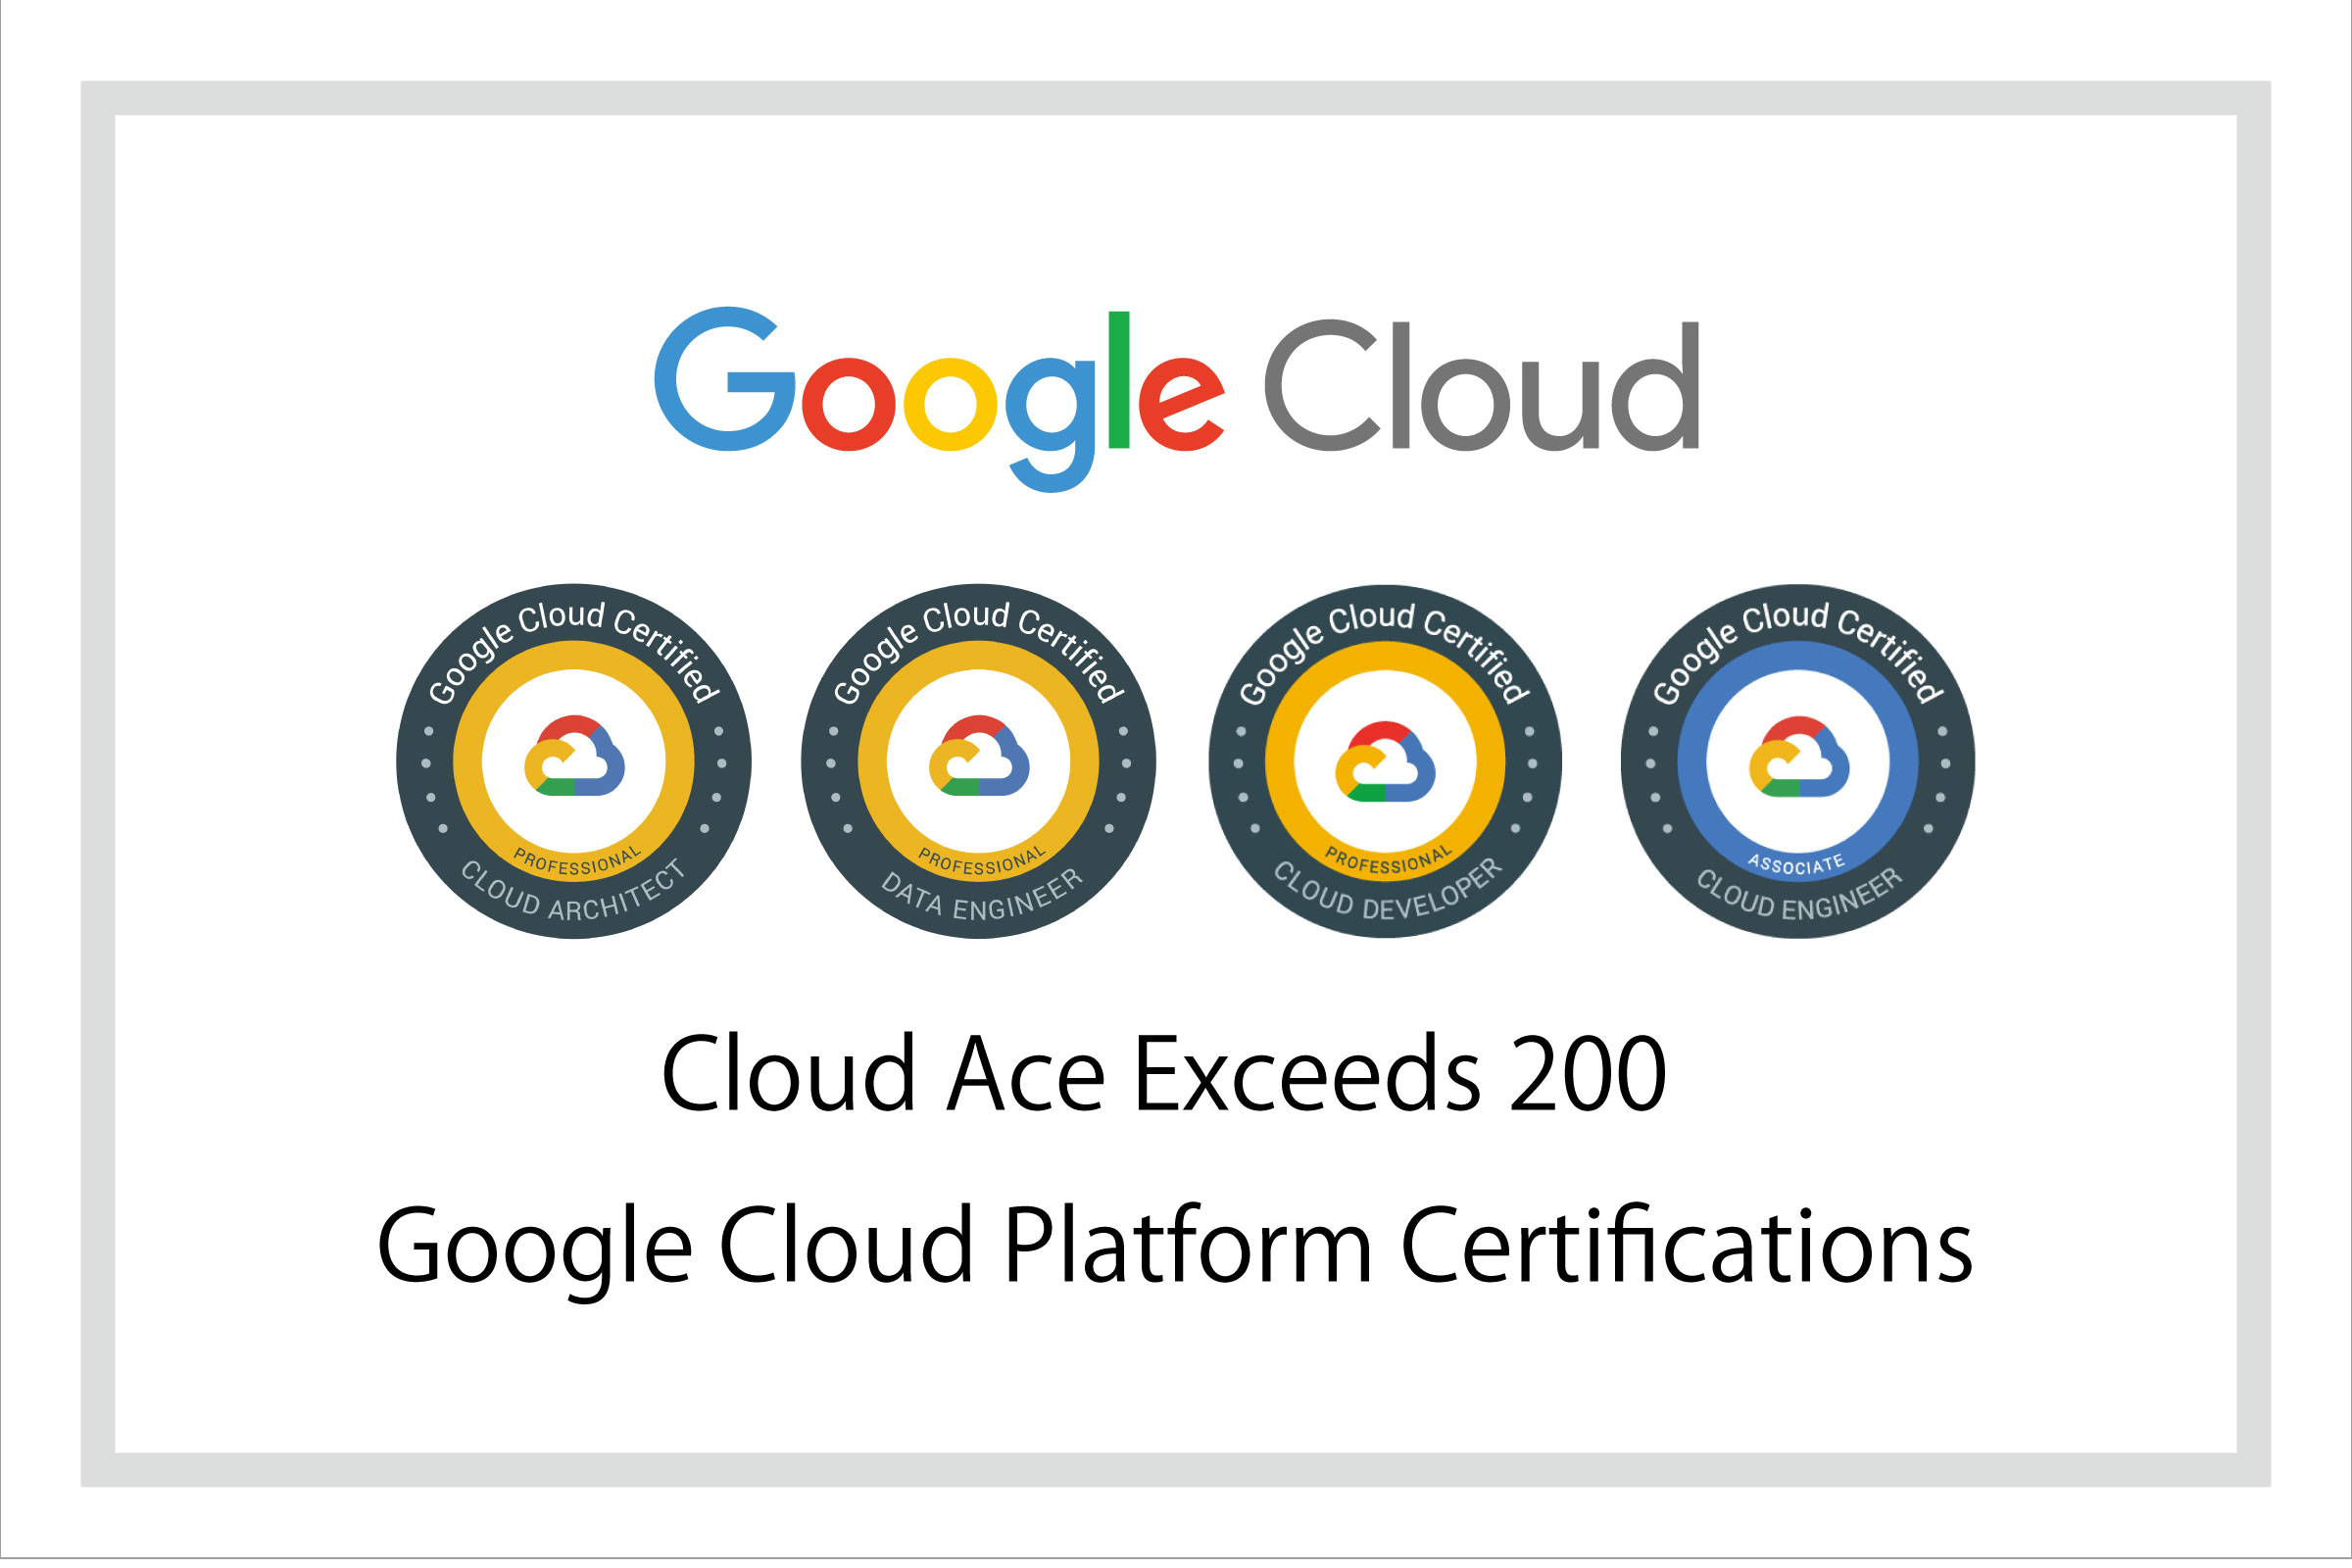 クラウドエース、Google Cloud™ 認定資格取得数 200件 を突破!GCP™ プレミアパートナーとしての ...